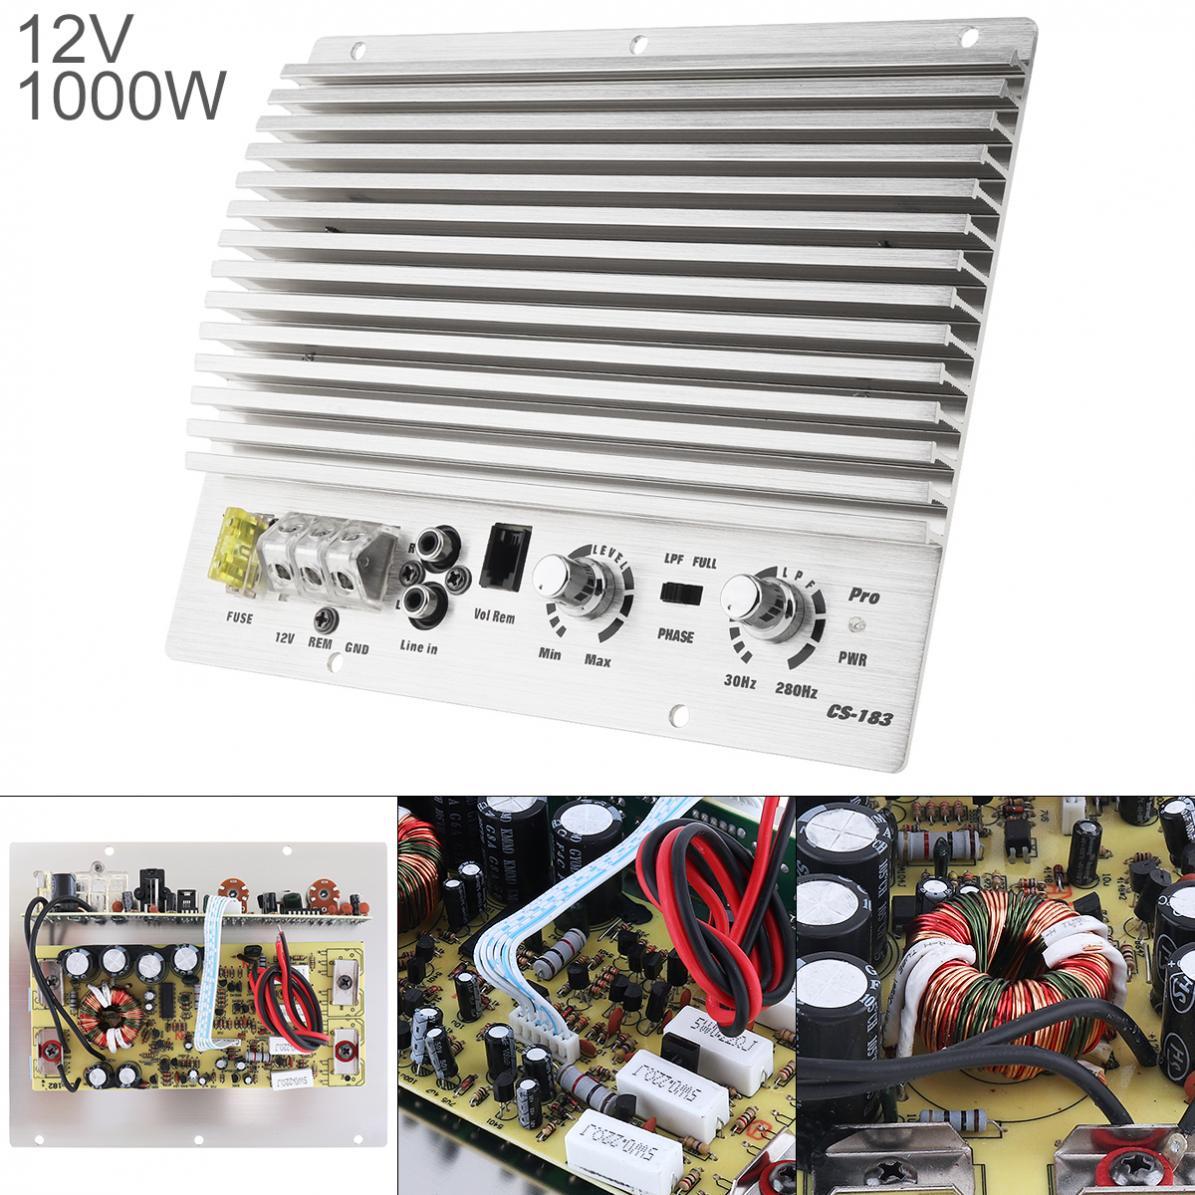 1000W Class AB Digital 2 Kanal Silber Aluminium Legierung High Power Auto Audio AMP Subwoofer Verstärker Neue